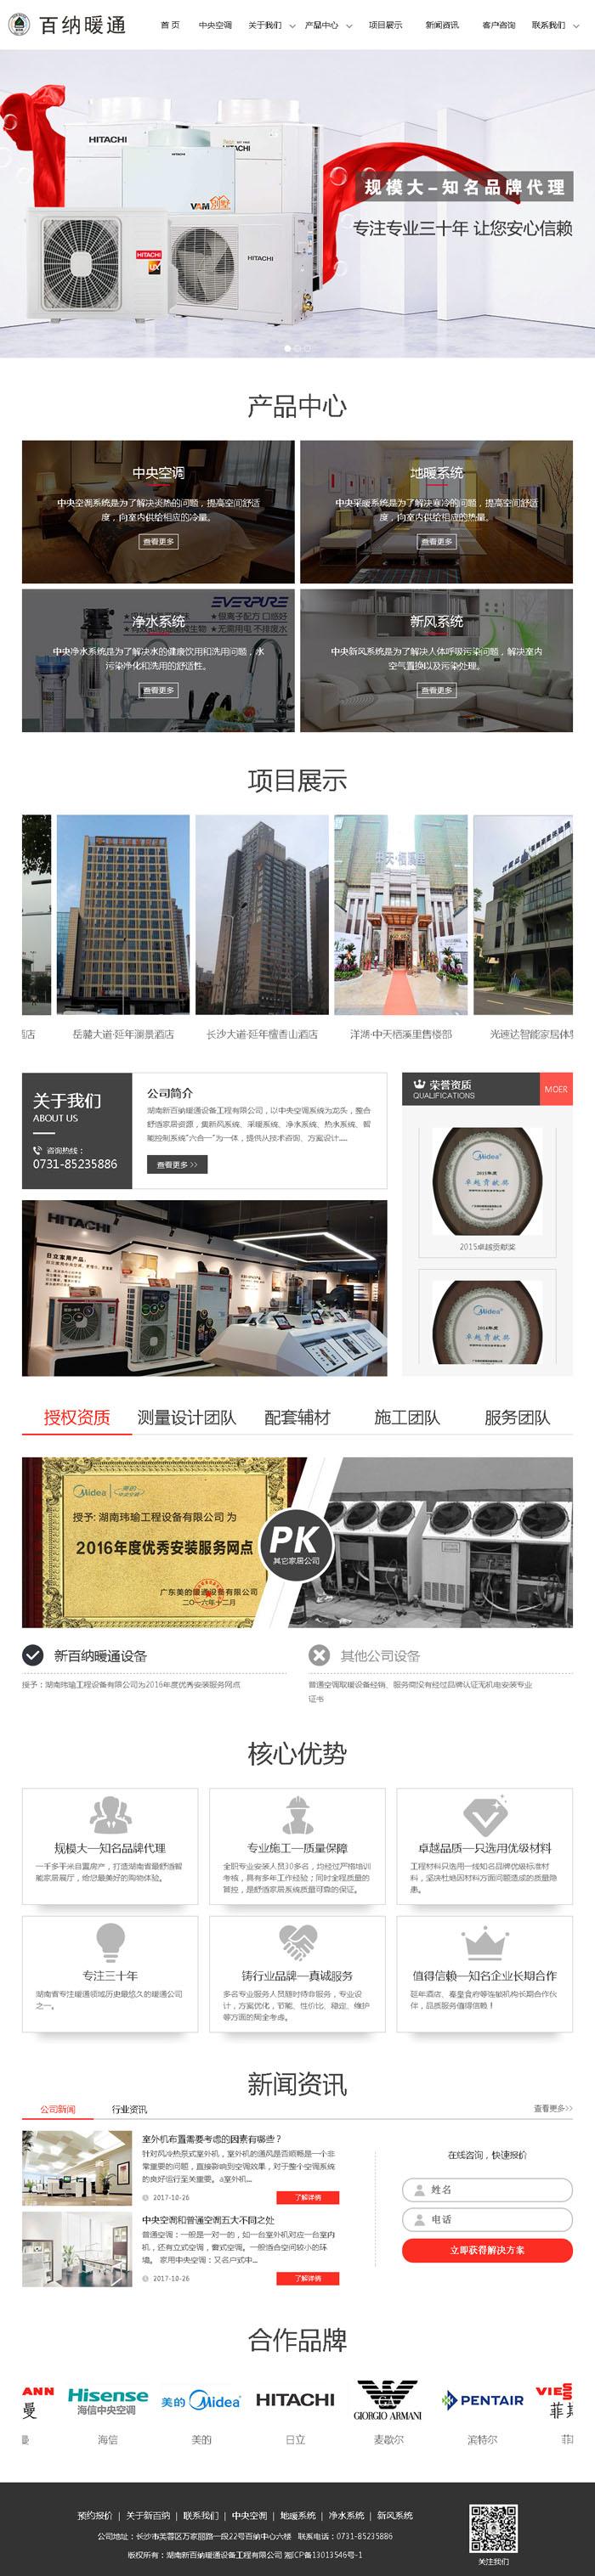 湖南新百纳暖通设备工程有限公司网站效果图